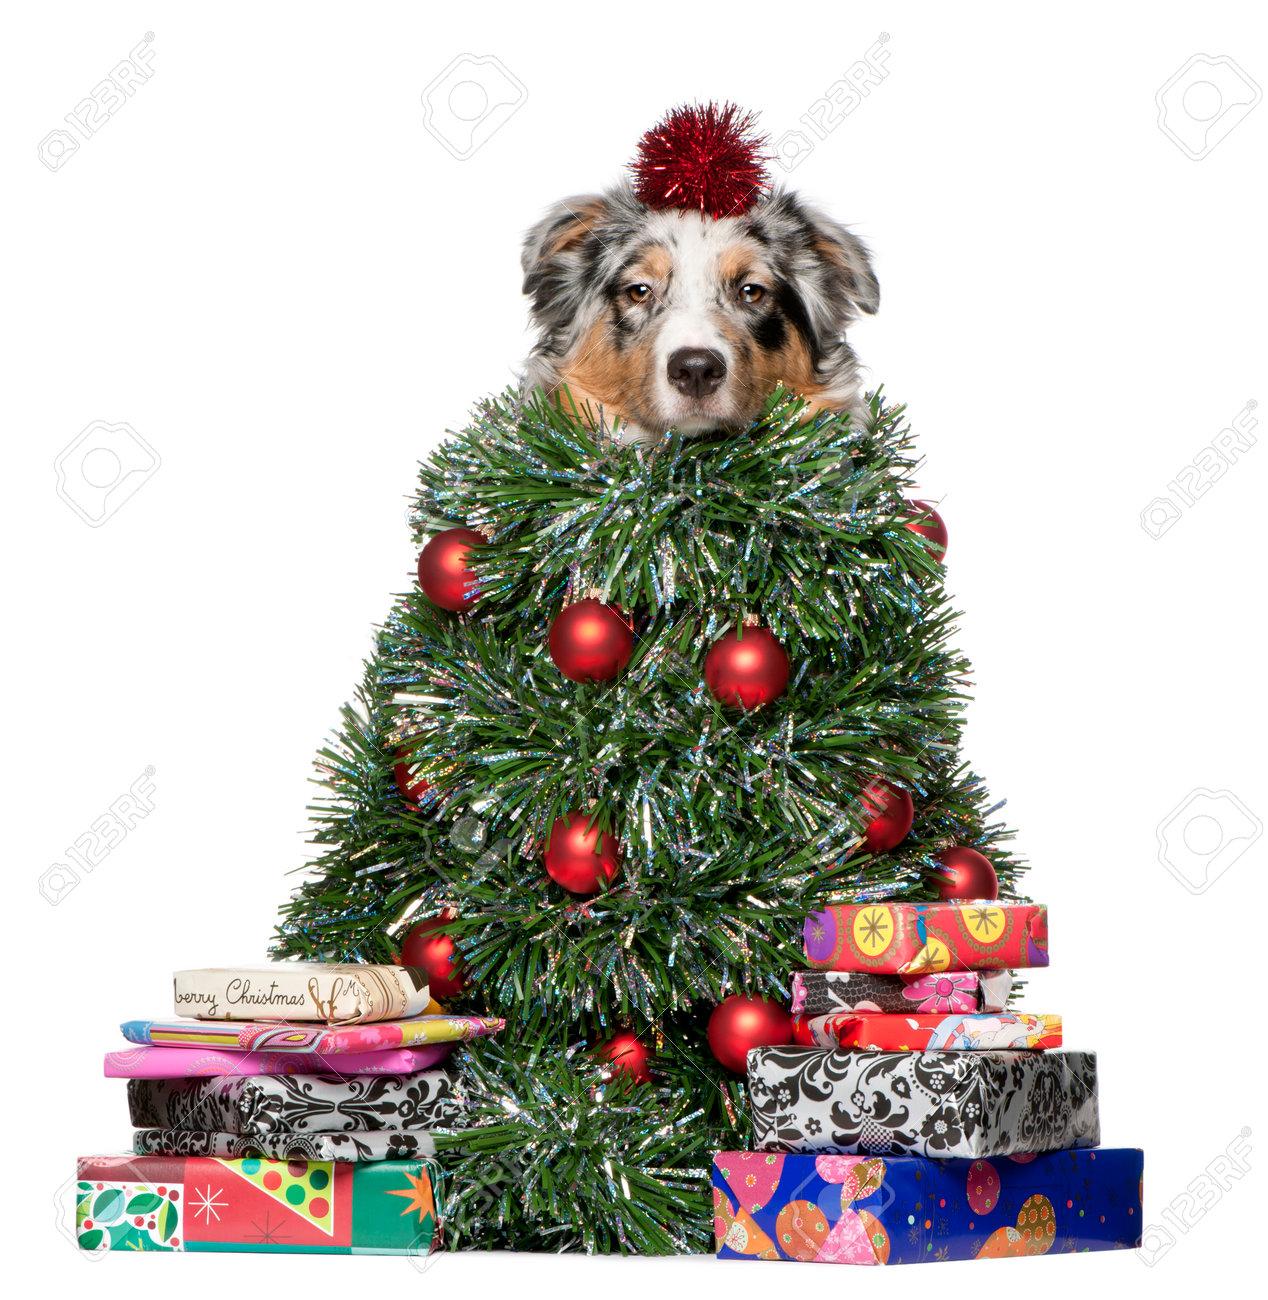 Australian Shepherd Christmas Ornament.Australian Shepherd Dog Dressed As Christmas Tree 7 Months Old